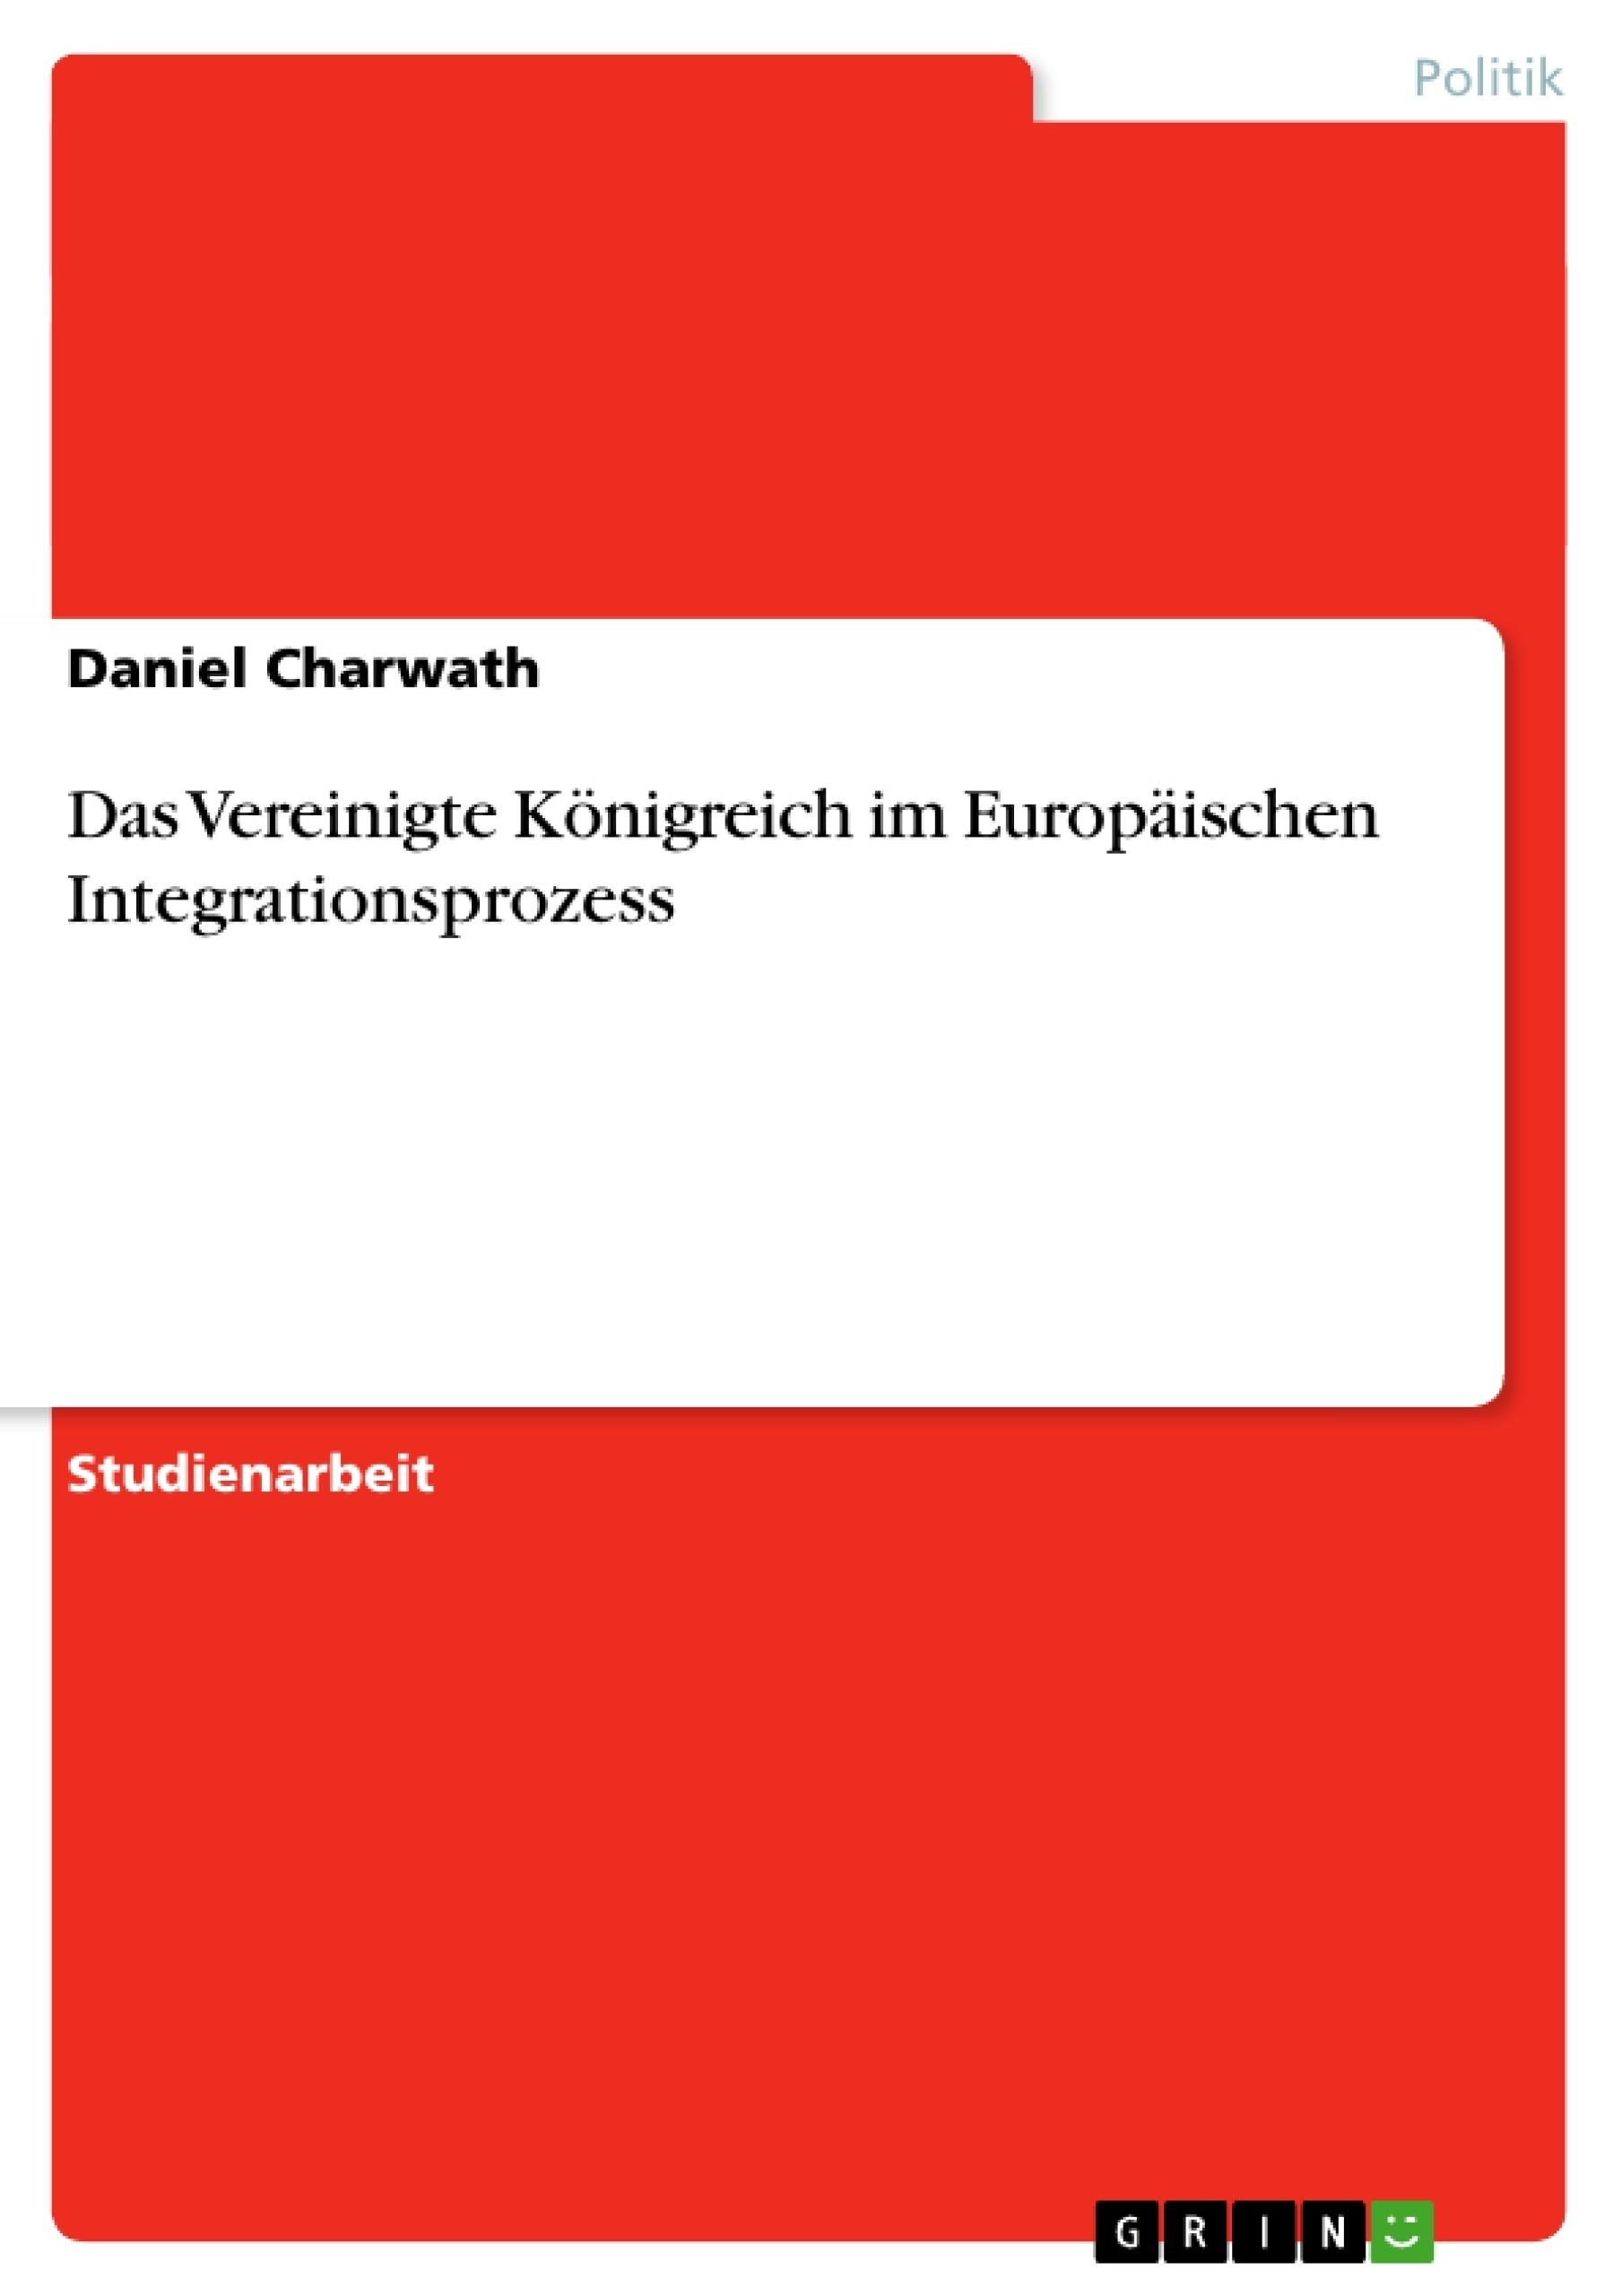 Titel: Das Vereinigte Königreich im Europäischen Integrationsprozess